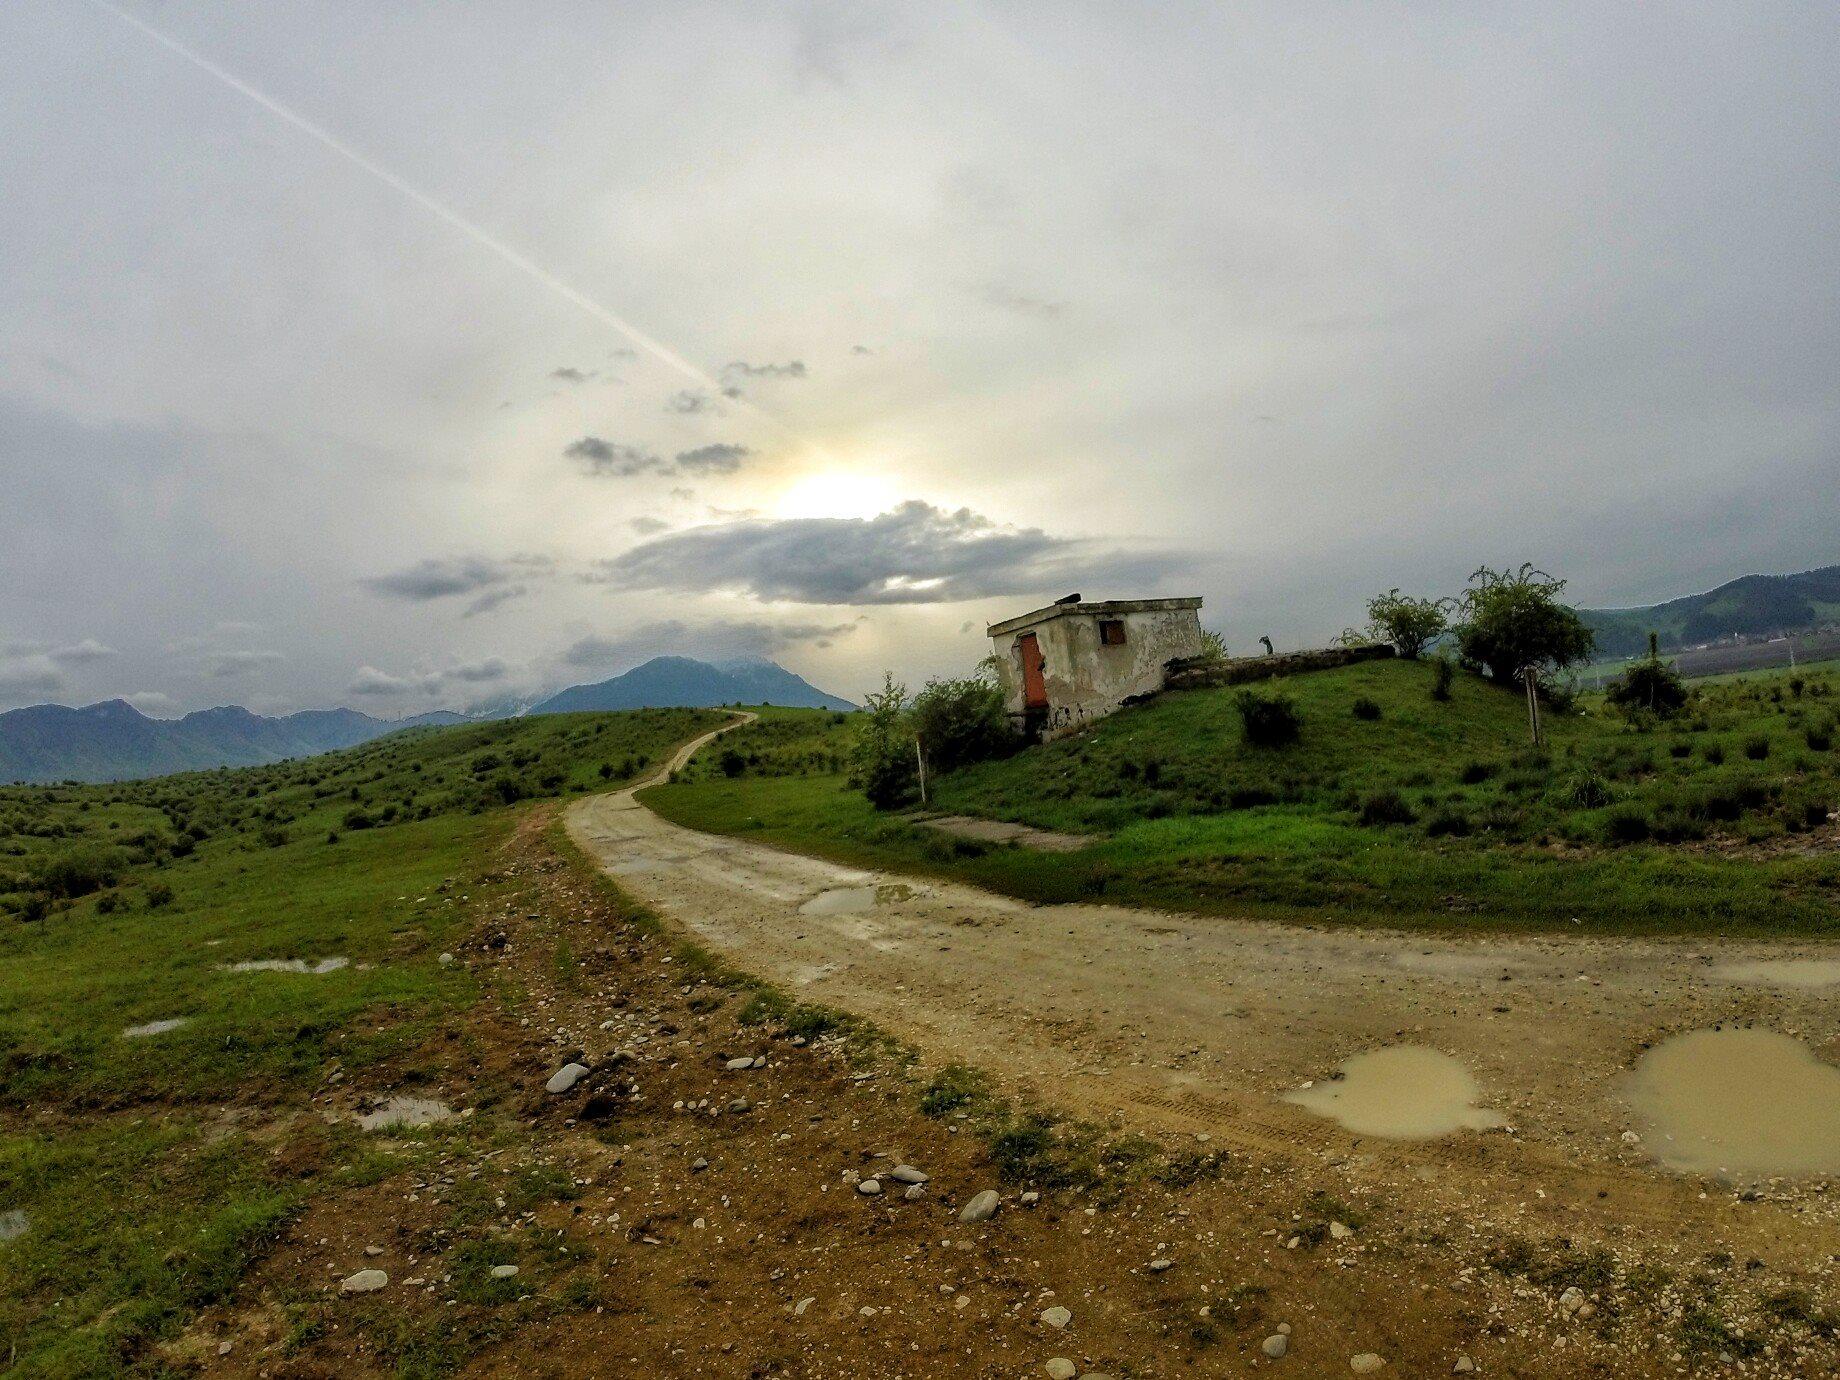 bezdroża Rumunii. Widok na Karpaty południowe- alpejski charakter jak naszych Taterek :)